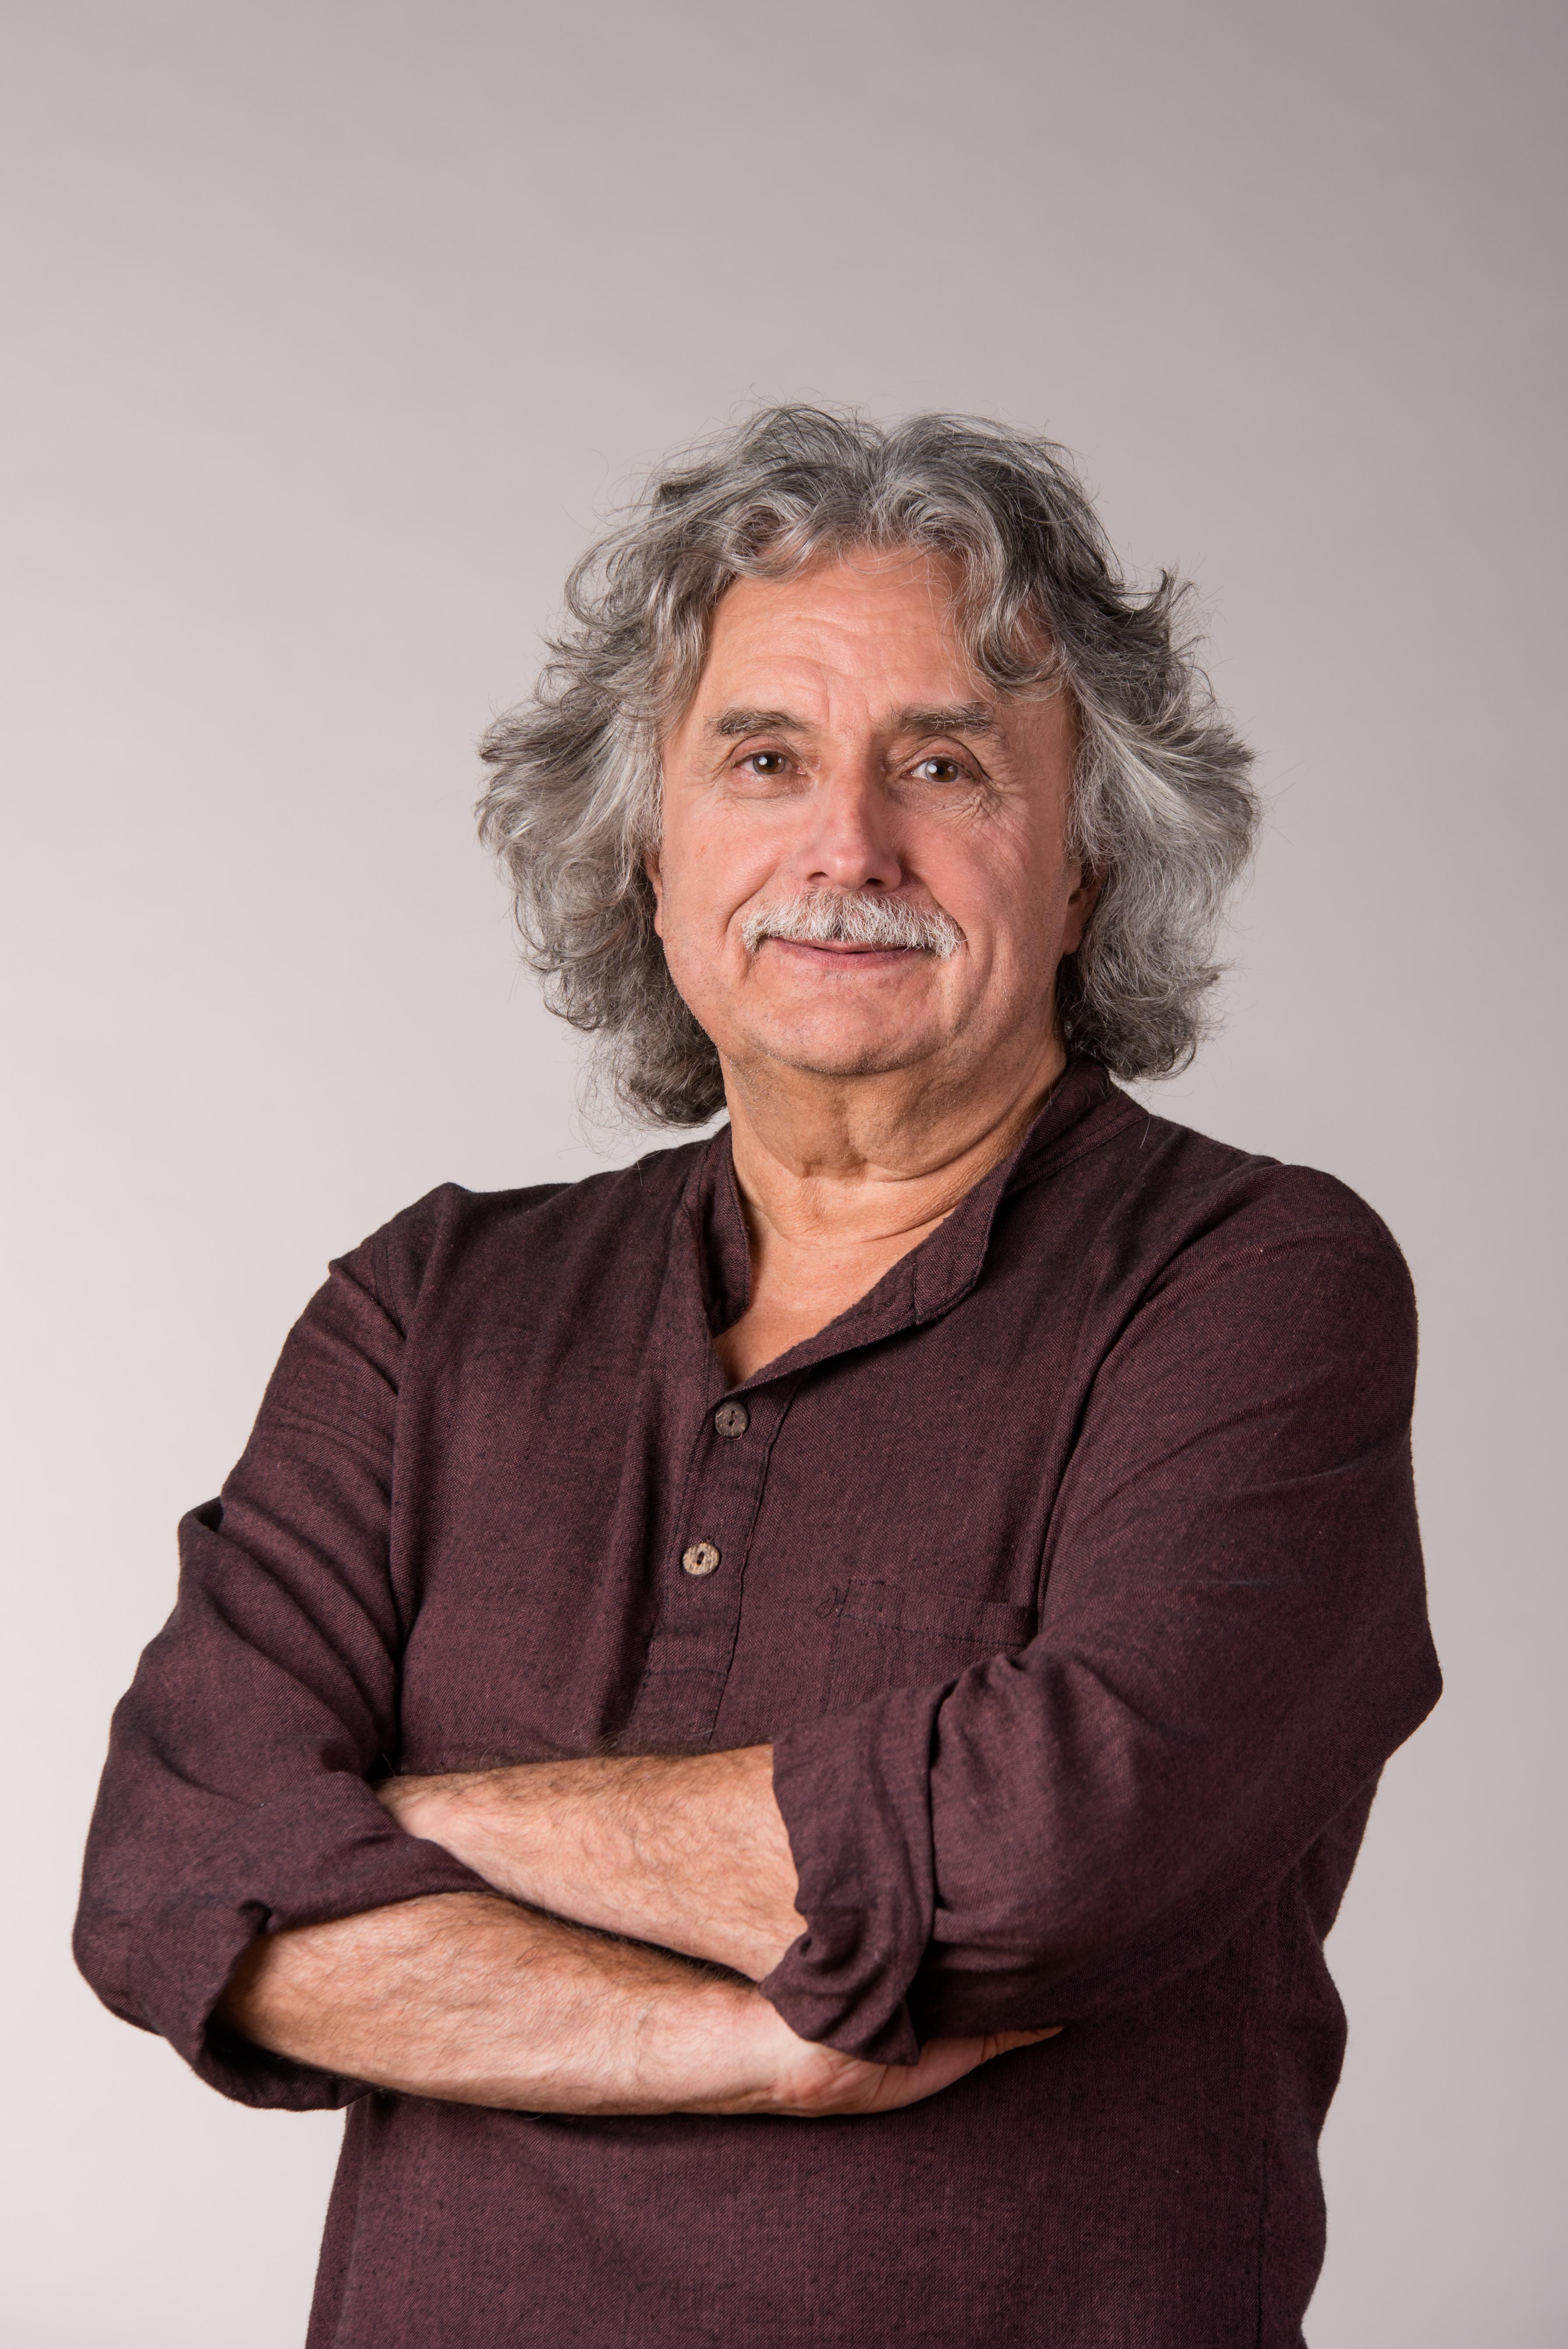 Mirko_Messner_Presse.jpg